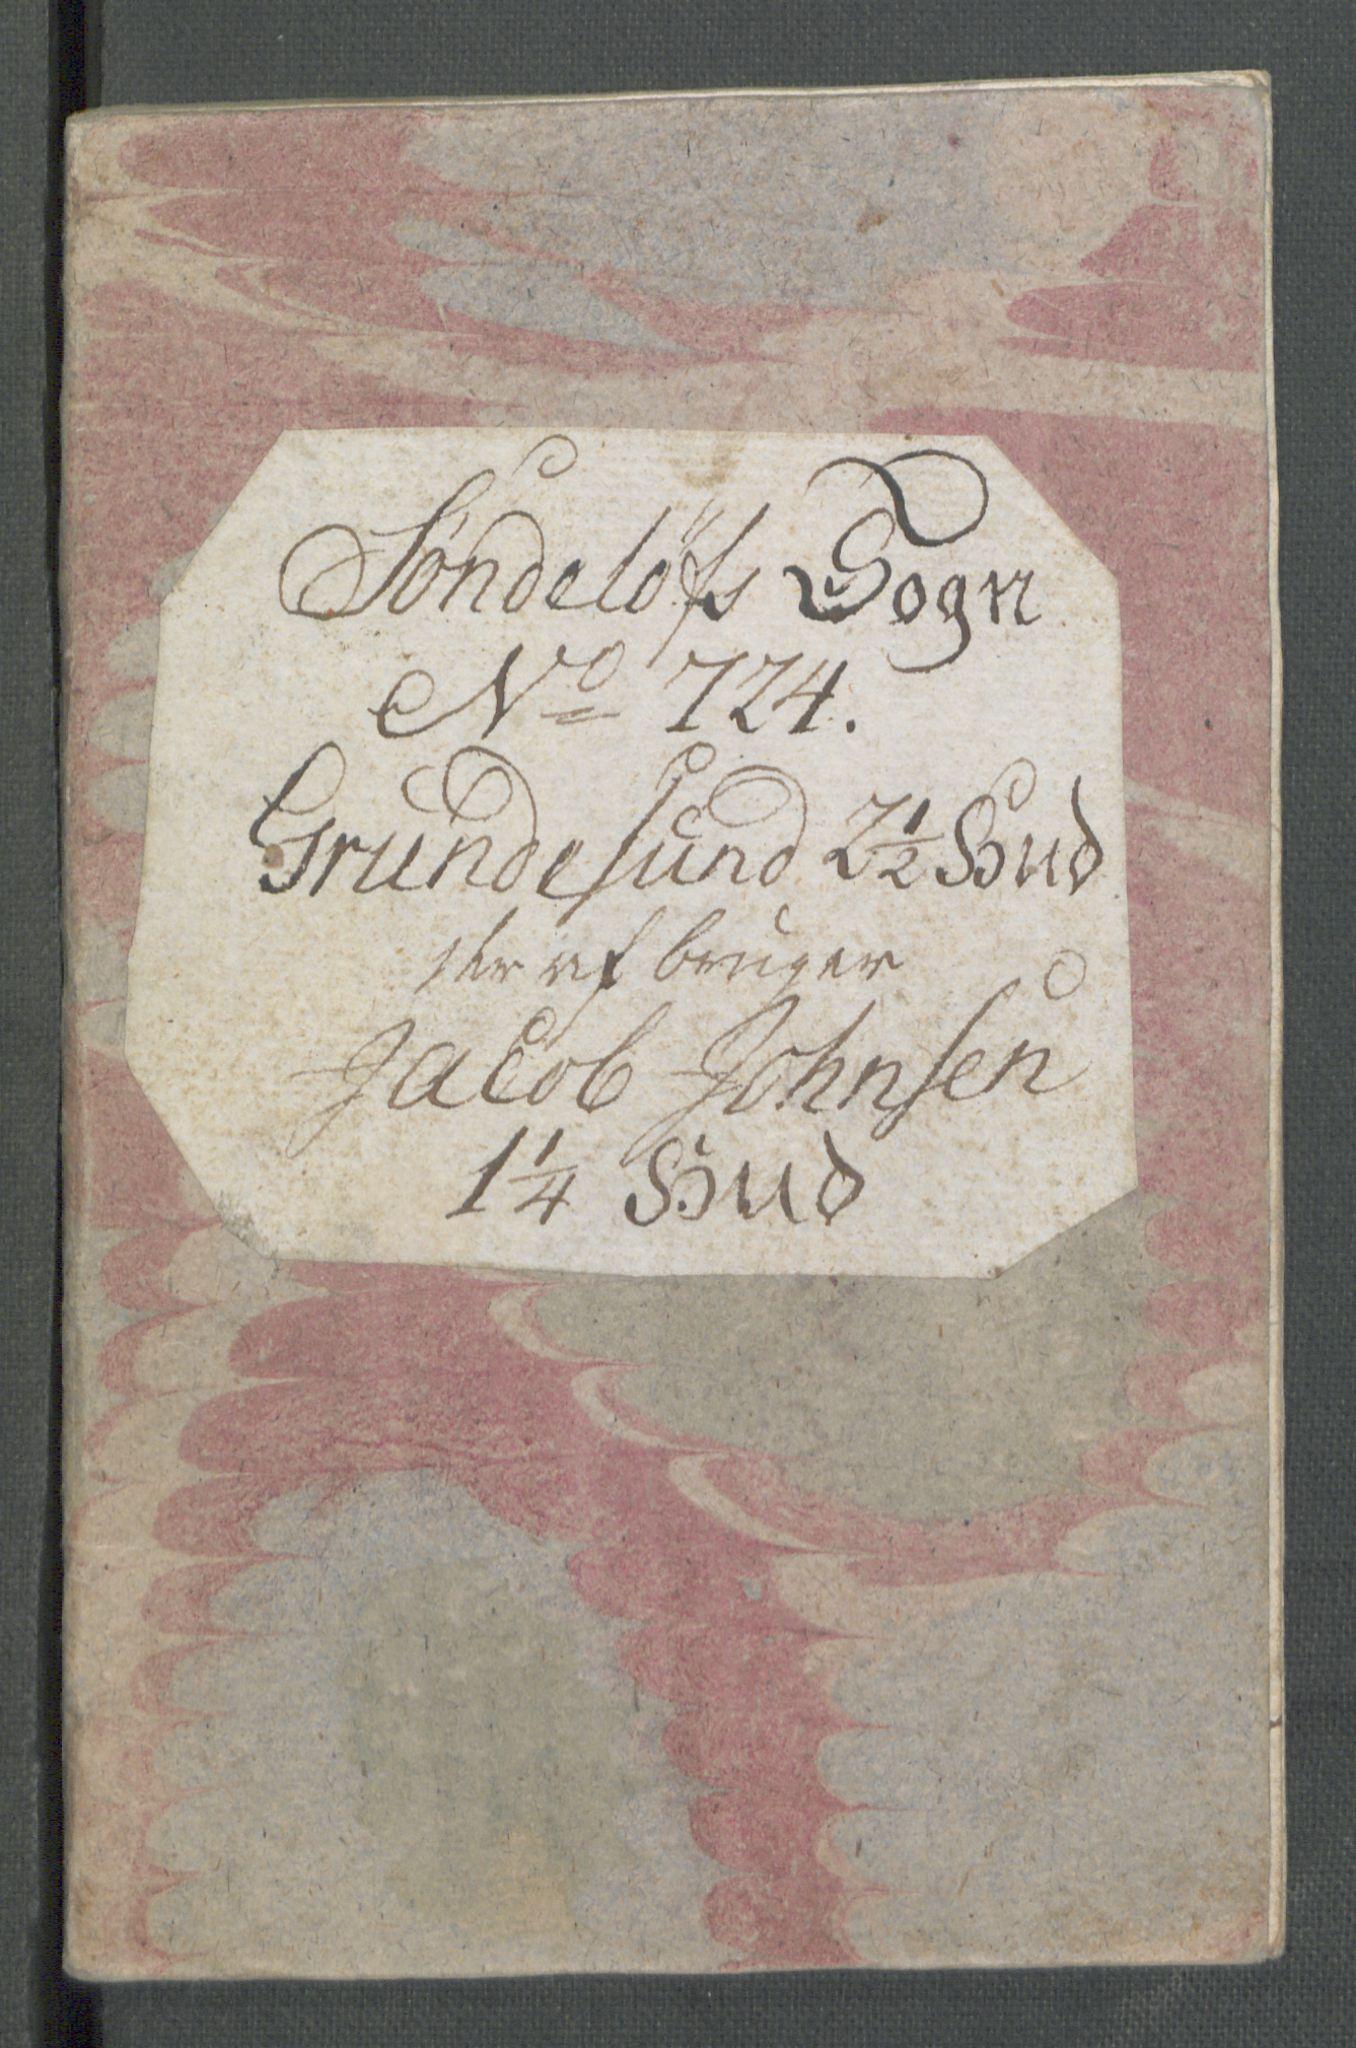 RA, Rentekammeret inntil 1814, Realistisk ordnet avdeling, Od/L0001: Oppløp, 1786-1769, s. 150